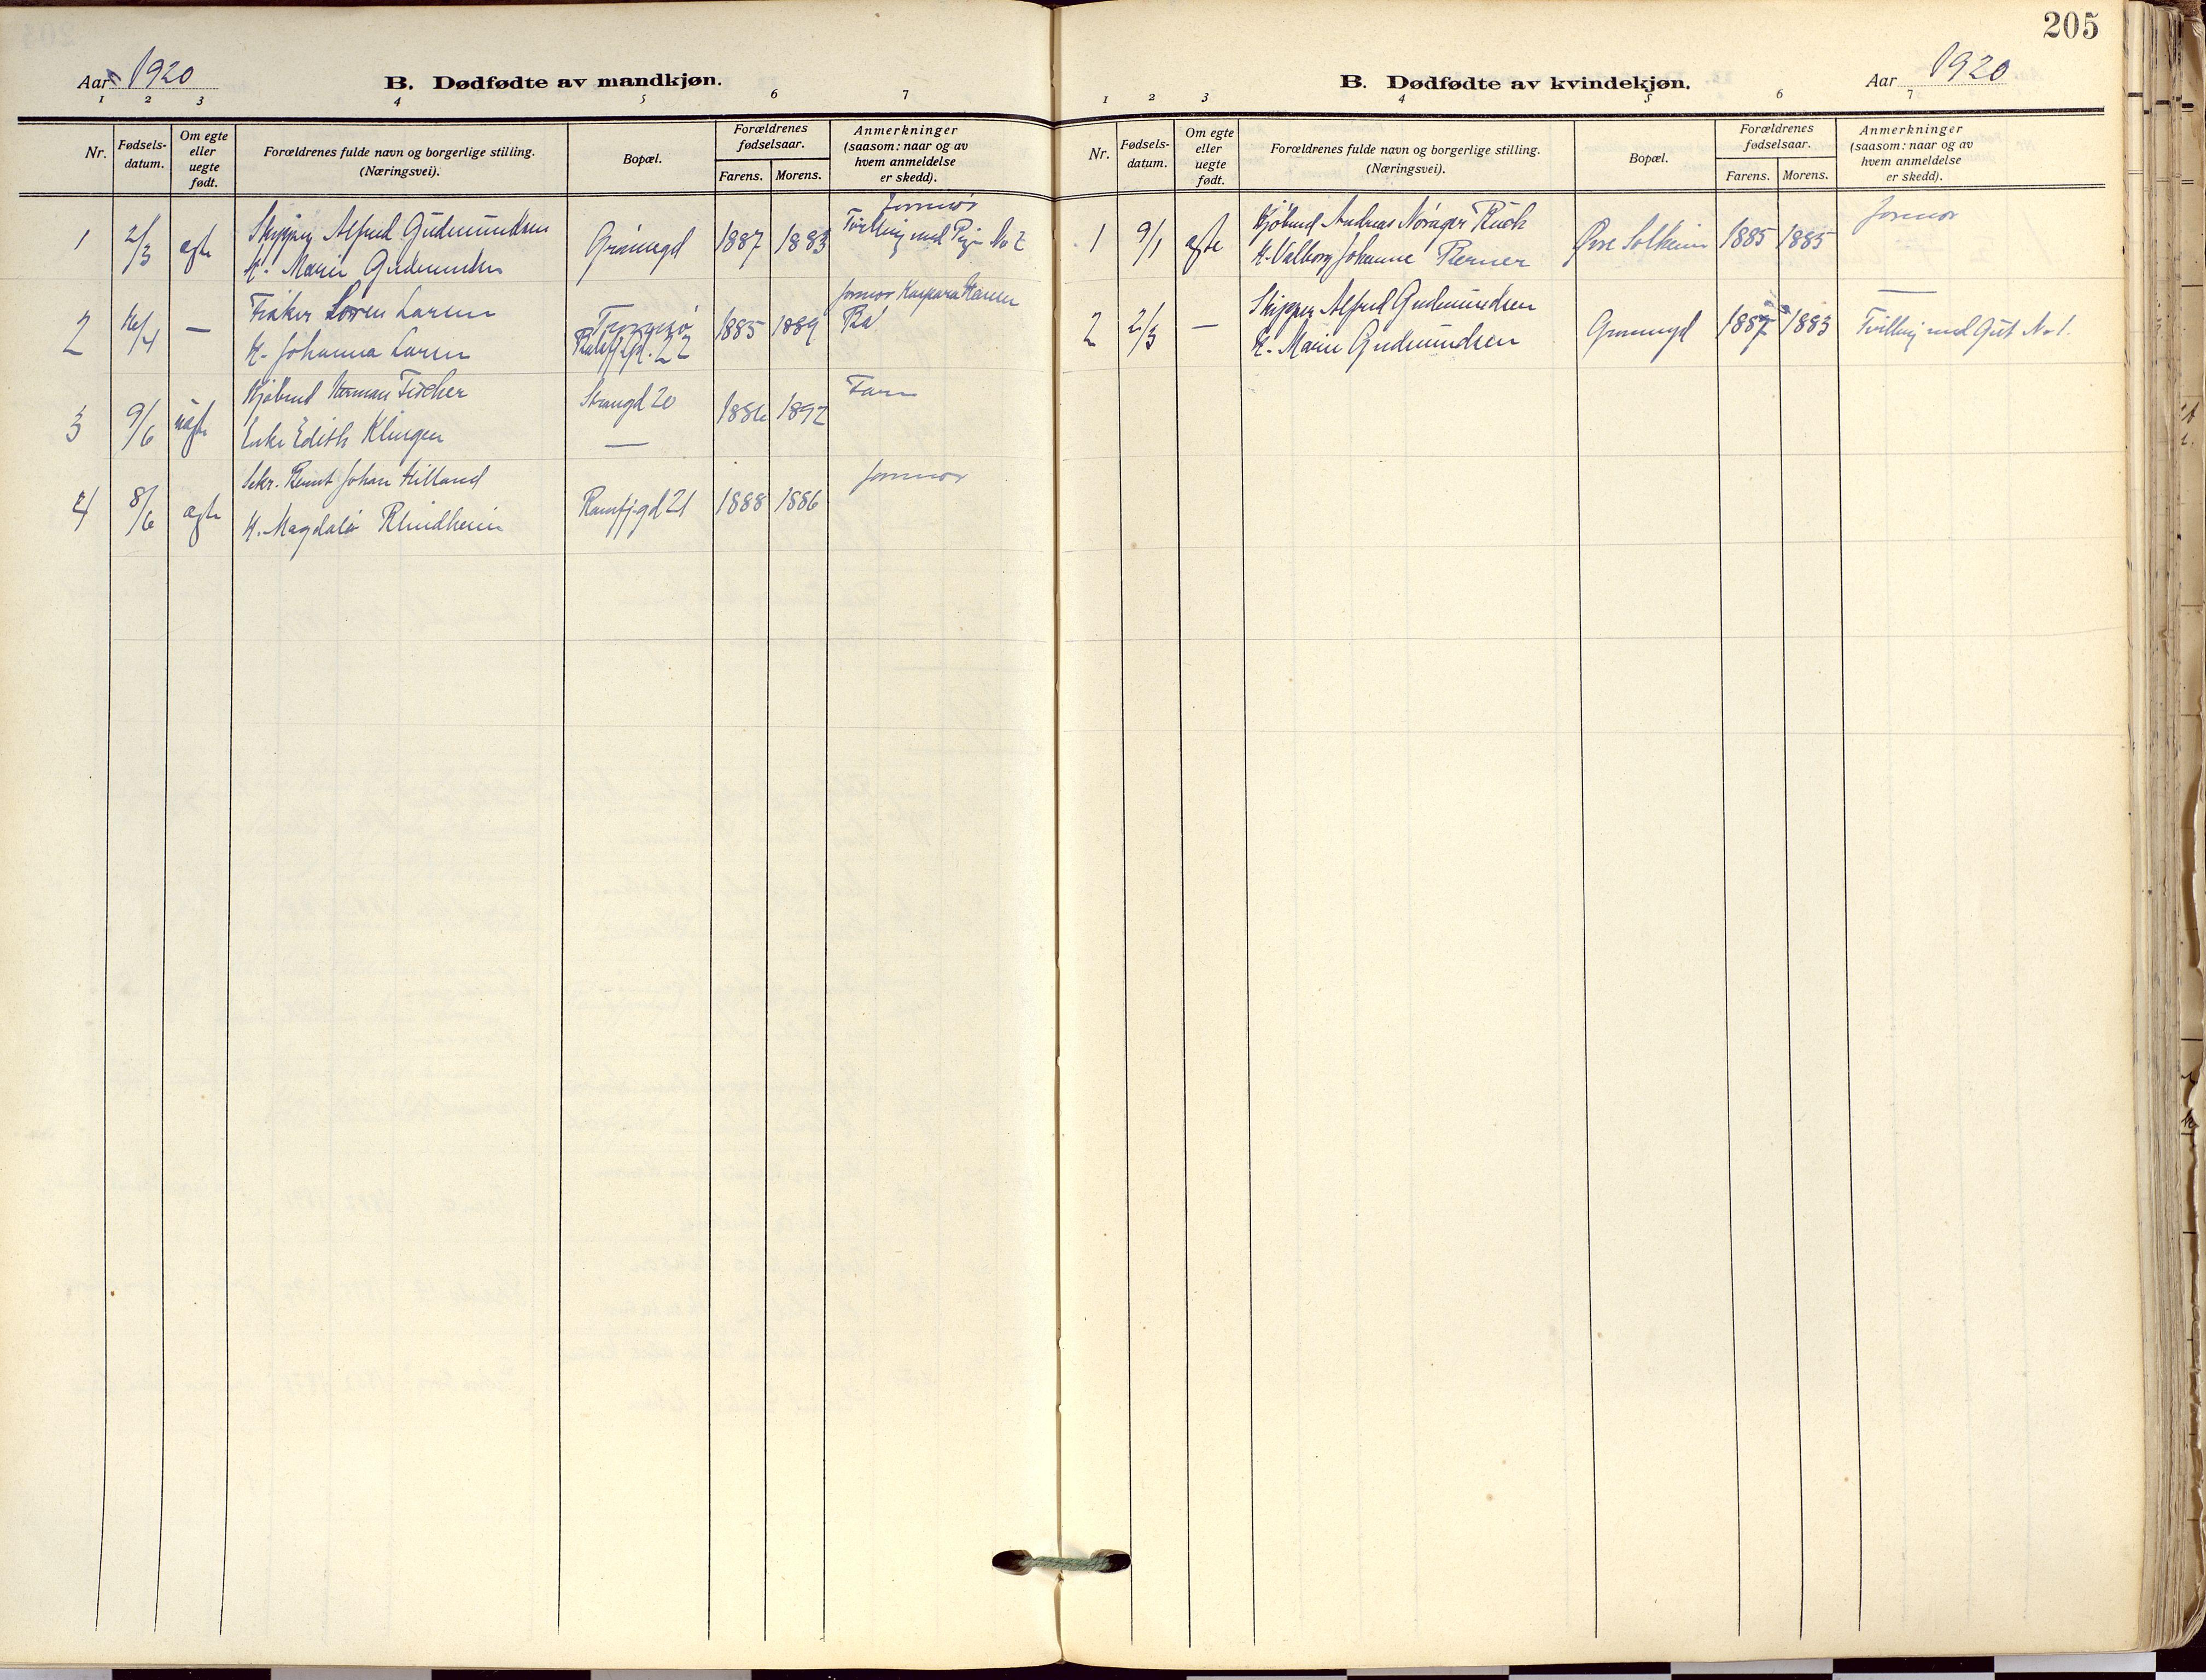 SATØ, Tromsø sokneprestkontor/stiftsprosti/domprosti, G/Ga/L0019kirke: Ministerialbok nr. 19, 1917-1927, s. 205